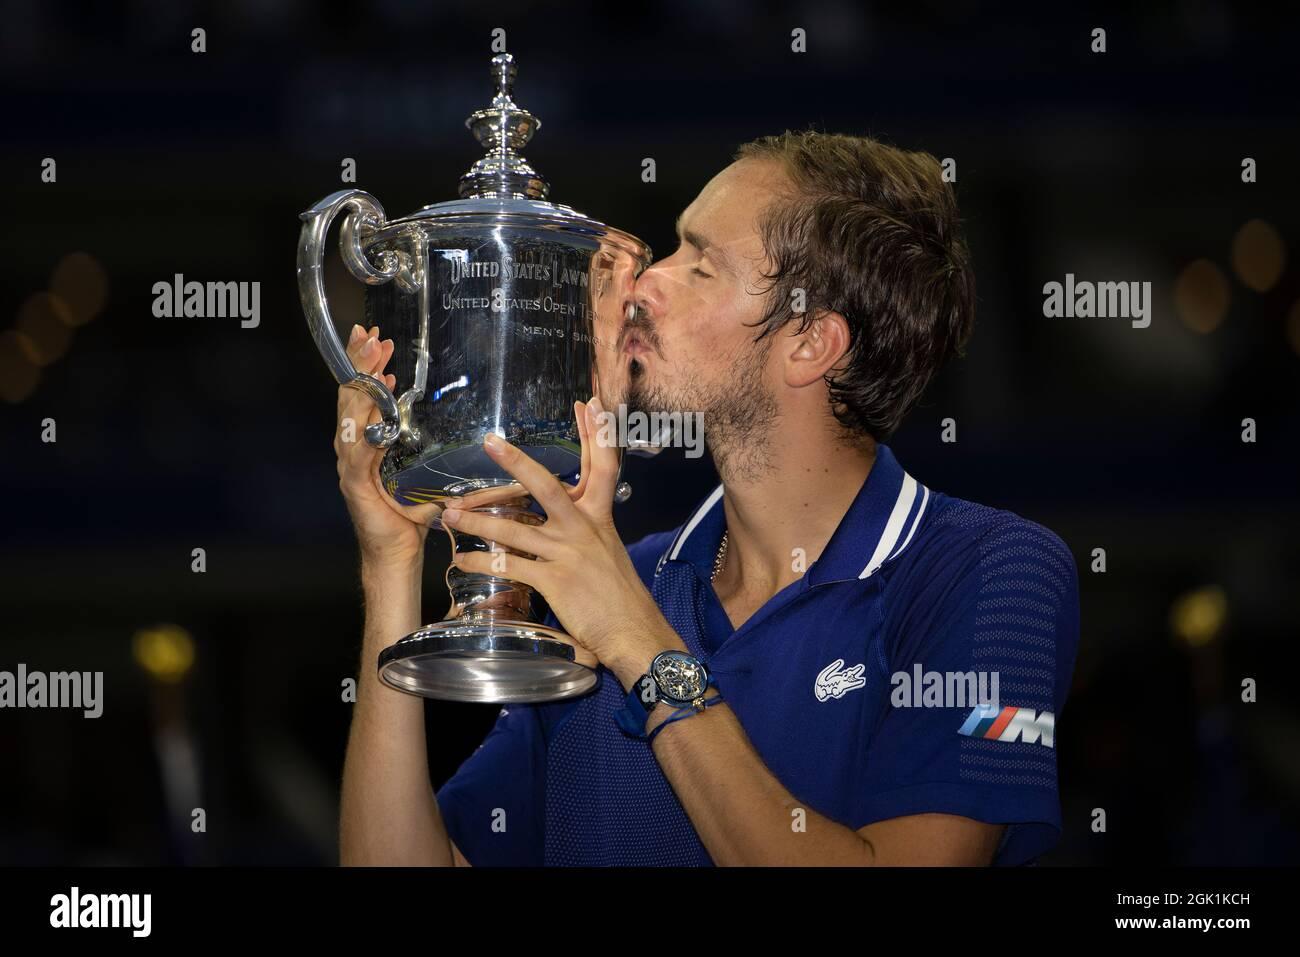 New York, USA, 12 septembre 2021 Daniil Medvedev (RUS) embrasse le trophée après avoir remporté la finale masculine contre Novak Djokovic (SRB) le jour 14 à l'US Open 2021. Crédit: Susan Mullane crédit: Susan Mullane/Alay Live News Banque D'Images